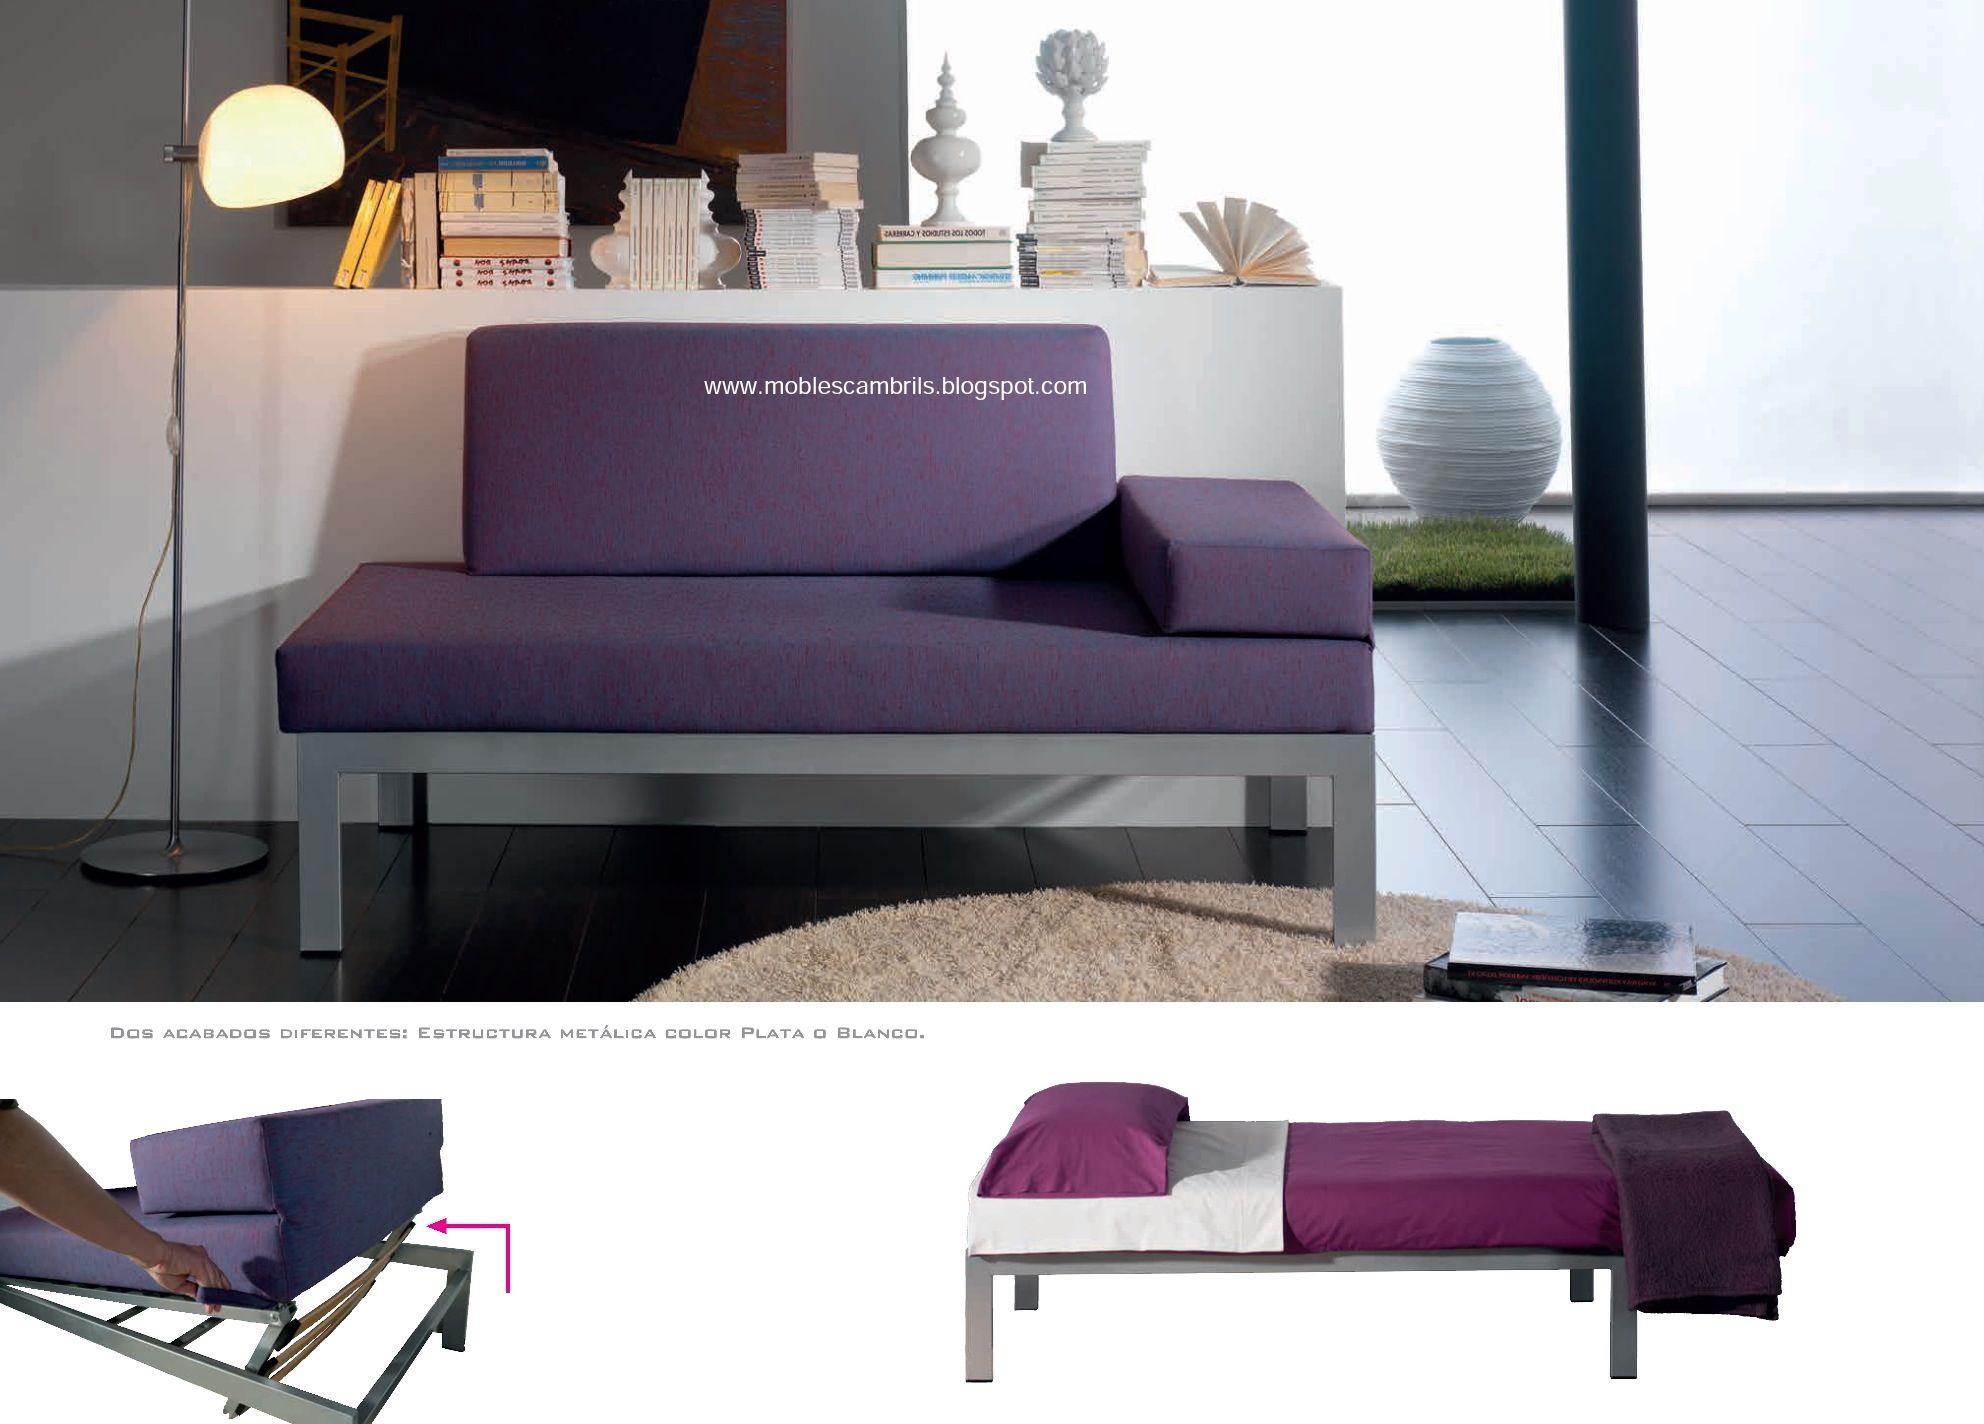 Sof cama modelo galileo individual e ideal para despachos - Dormitorios juveniles diseno ...